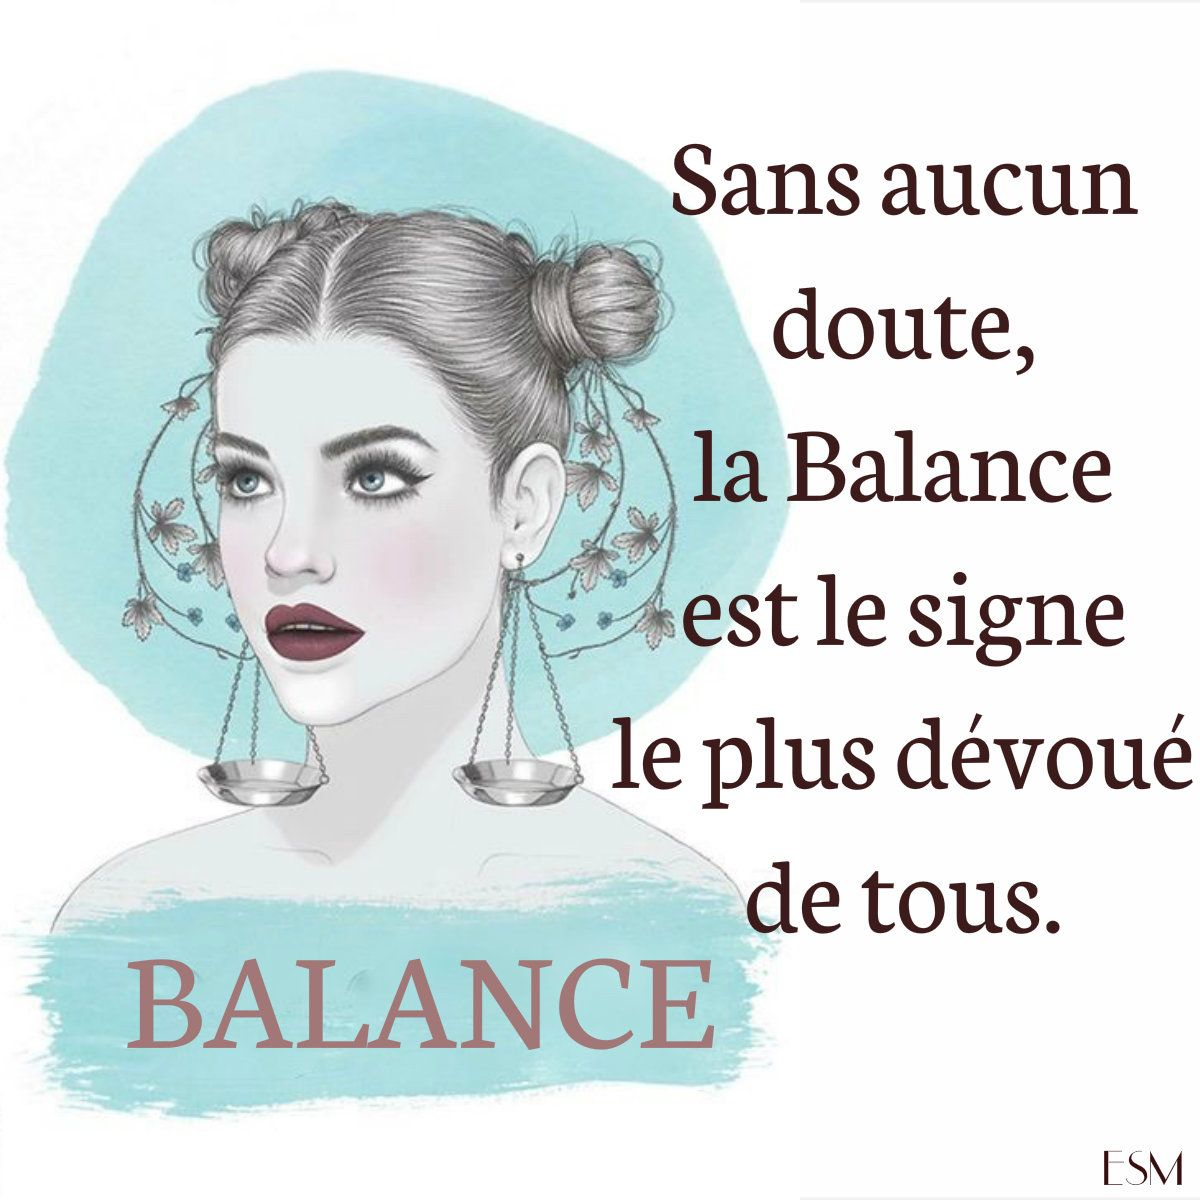 Ce signe la Balance